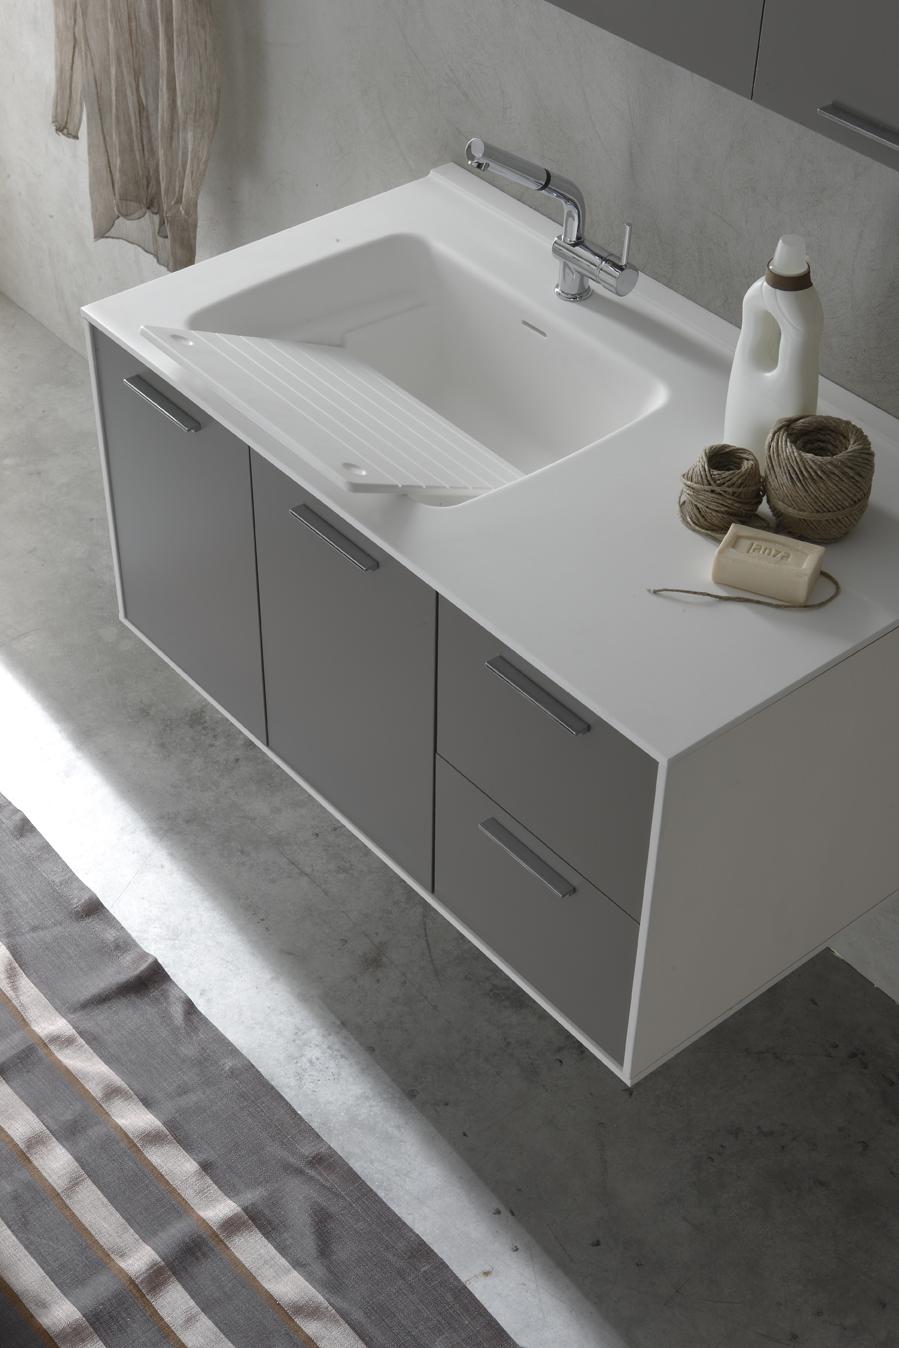 LAVABO CON TAVOLETTA - Il lavabo con vasca capiente è dotato di una superficie di appoggio che può essere utilizzata come tavoletta per lavare i panni.